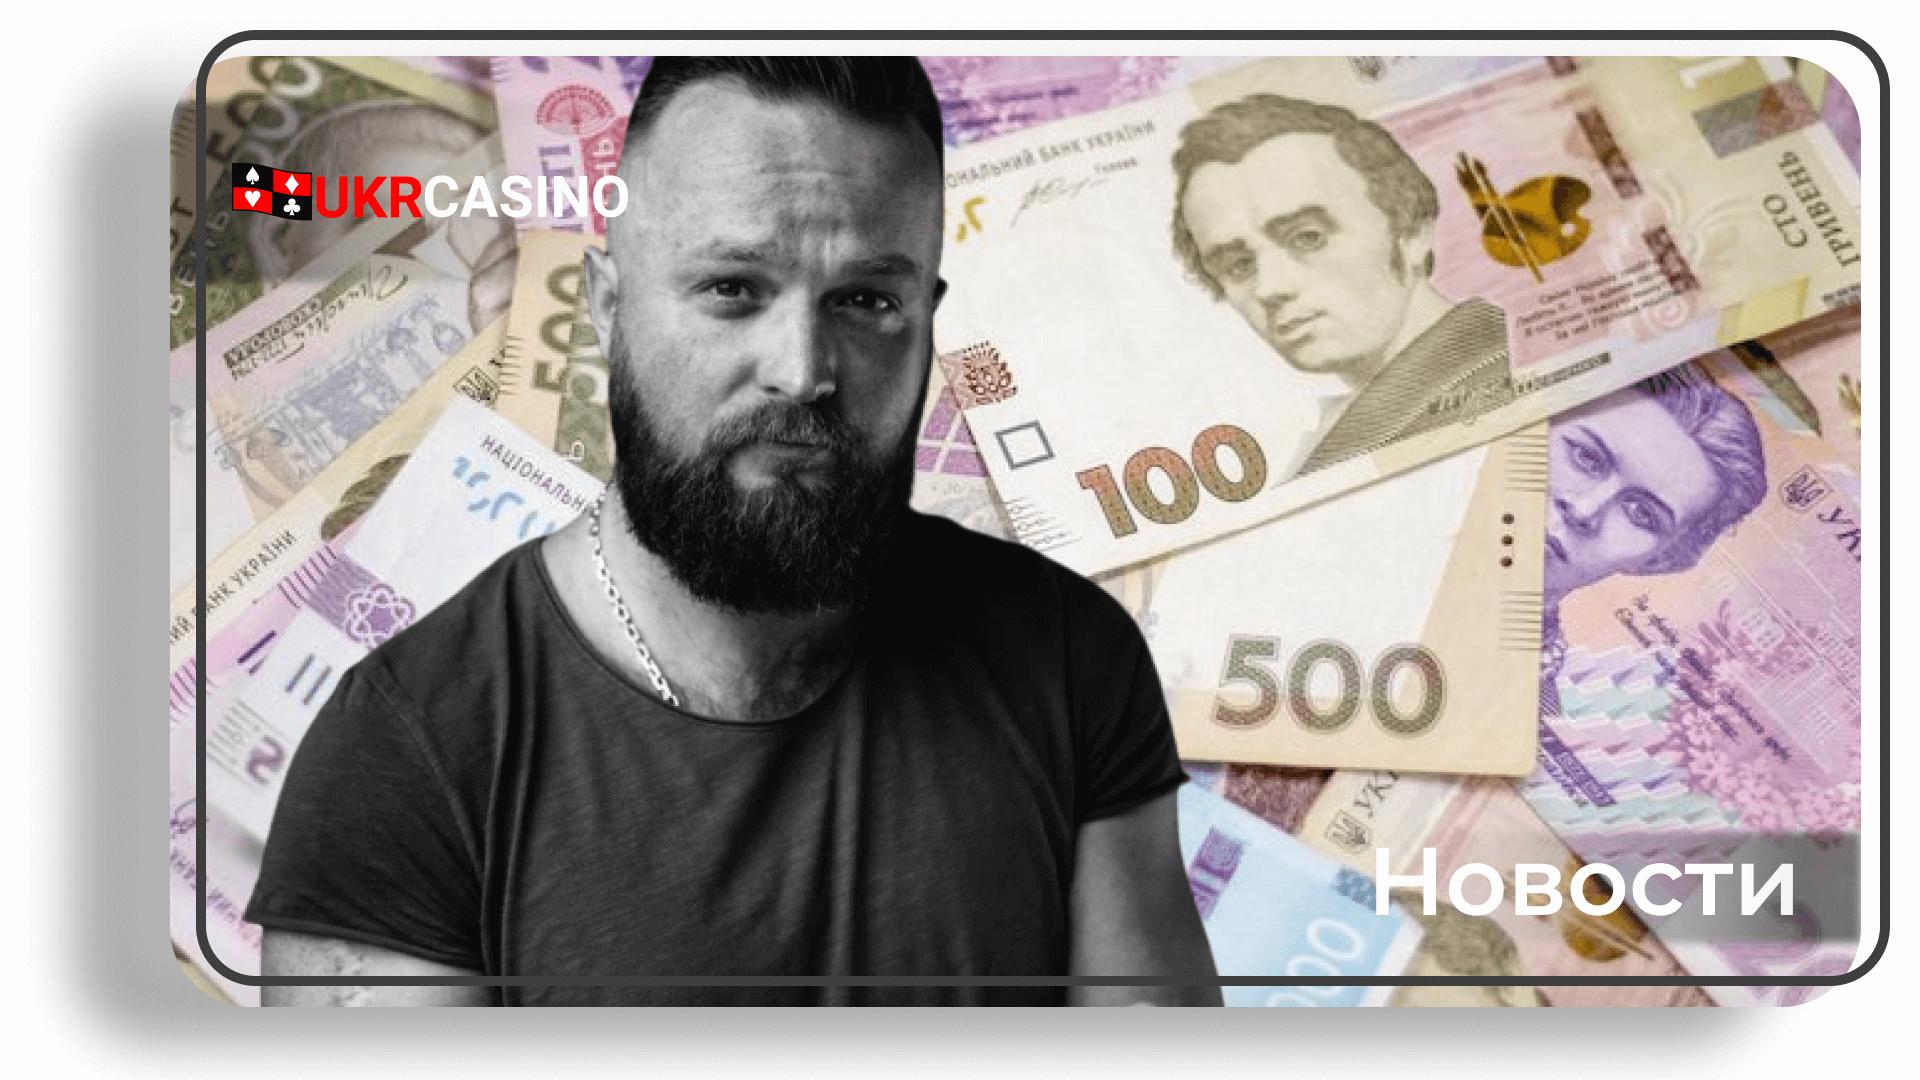 Операторы азартных игр заплатили еще 32,4 млн. грн. в бюджет Украины